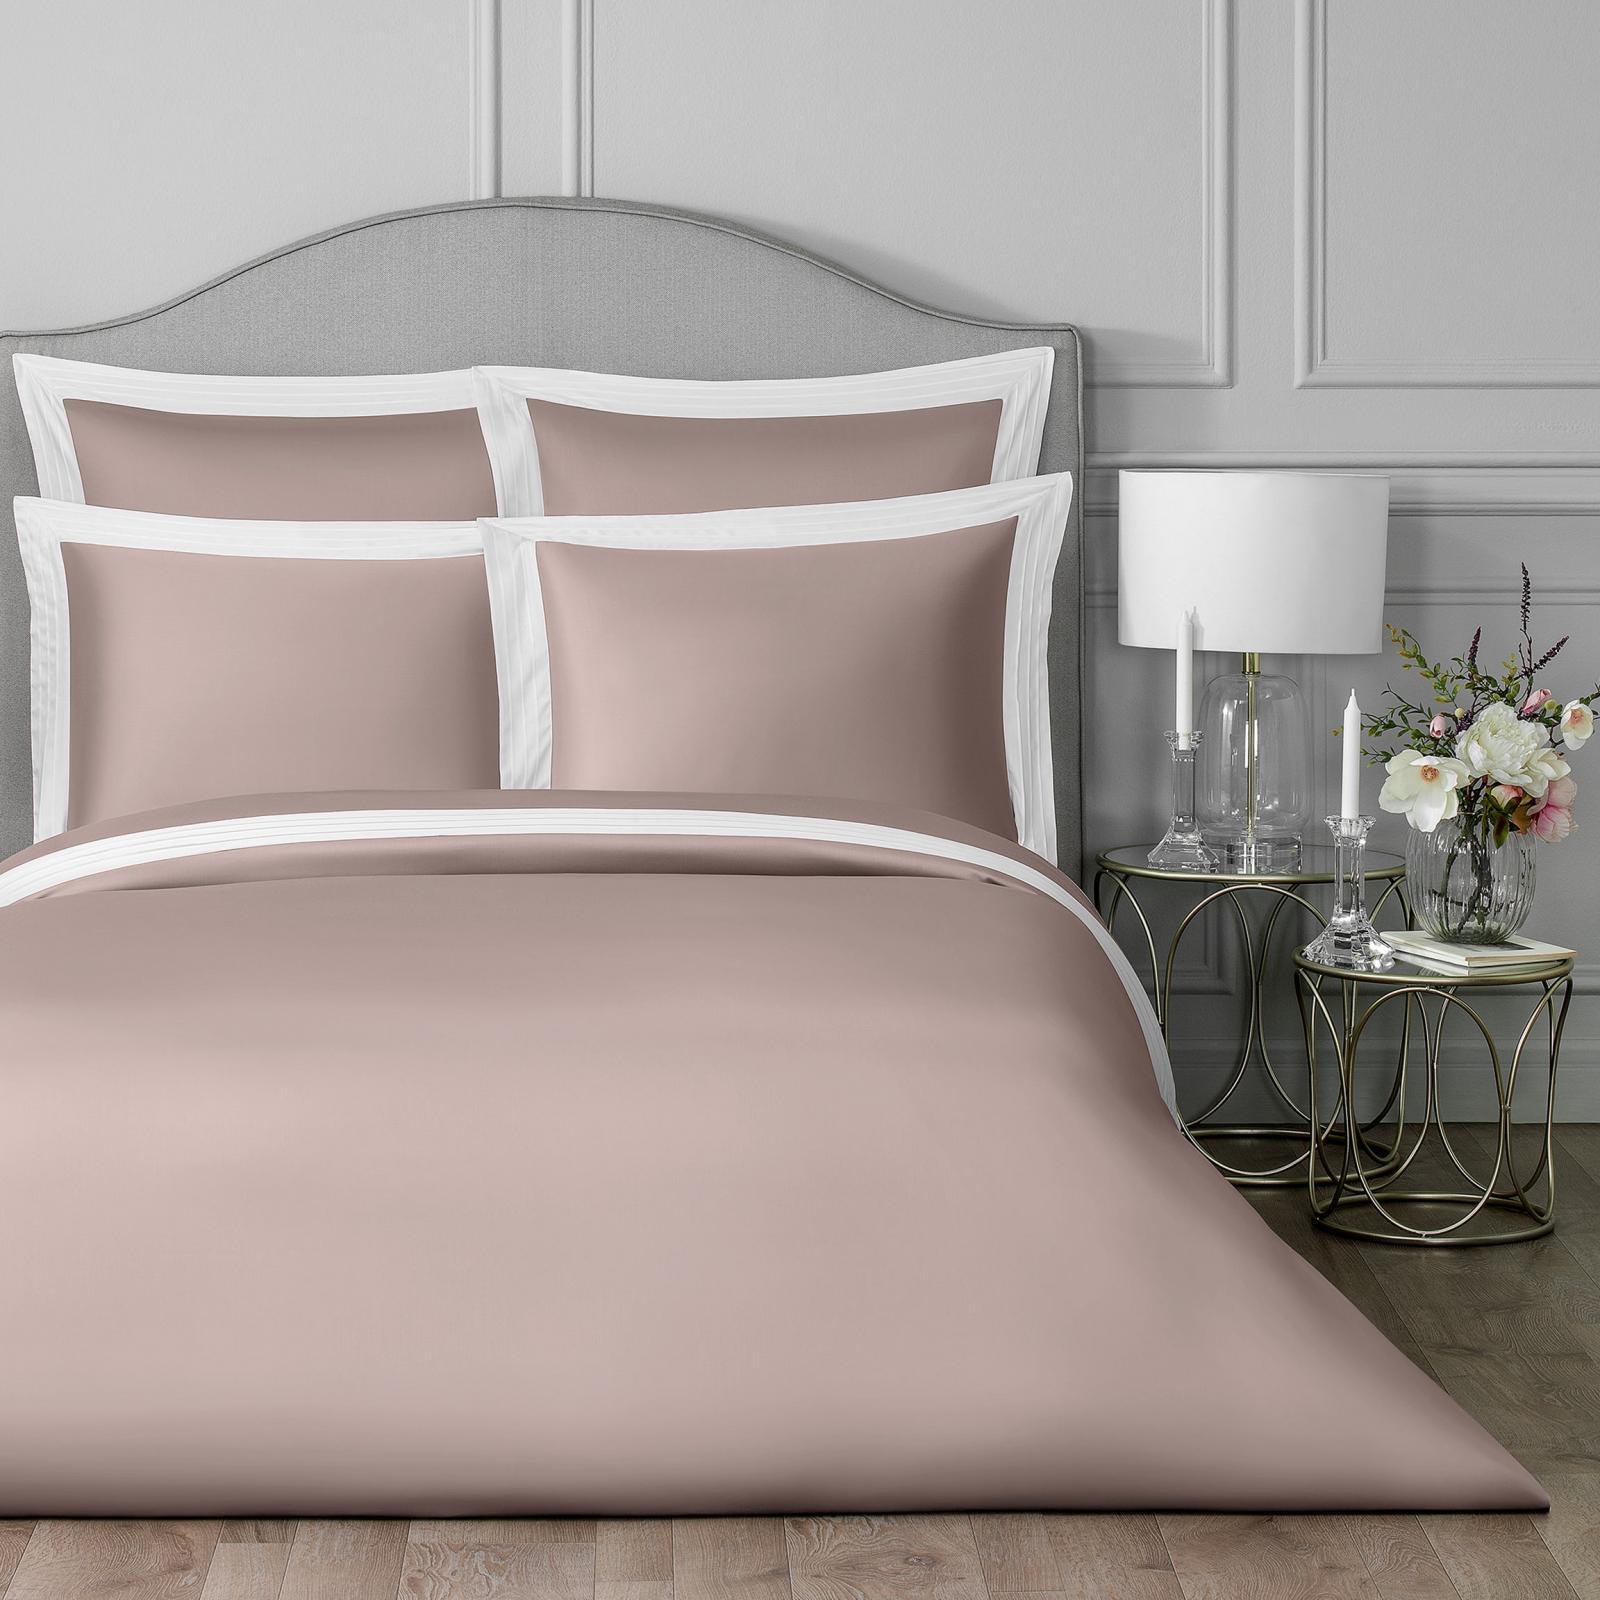 Постельный комплект Togas Эдем розовый/белый полуторный